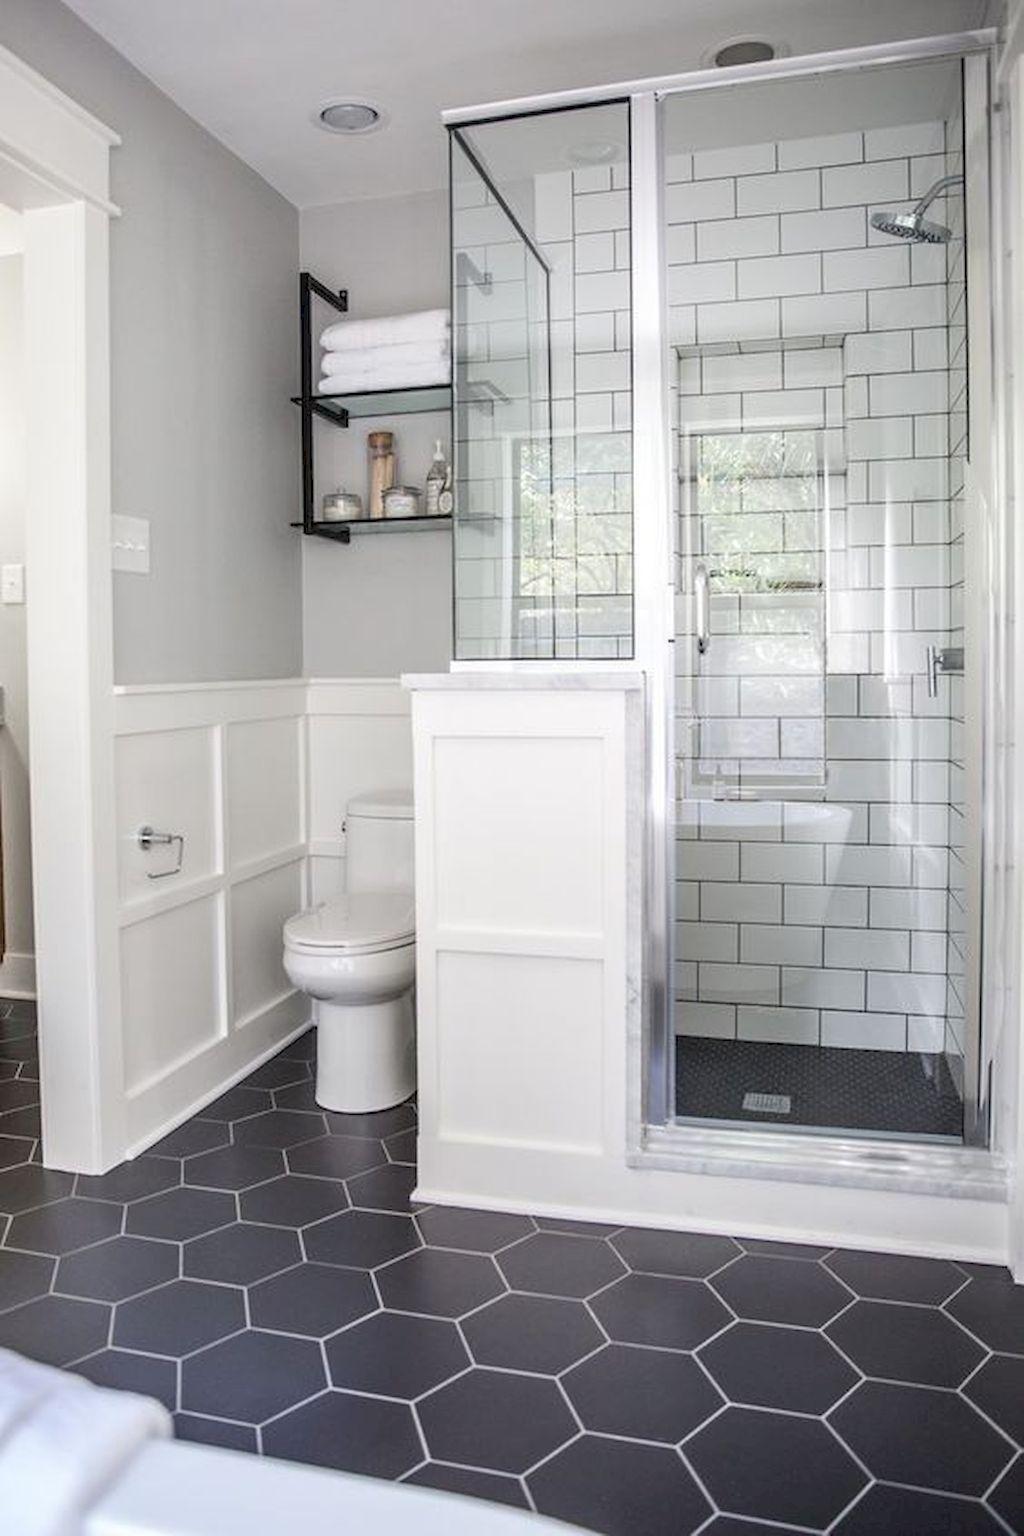 82 small master bathroom remodel ideas home id ias de decora o rh br pinterest com